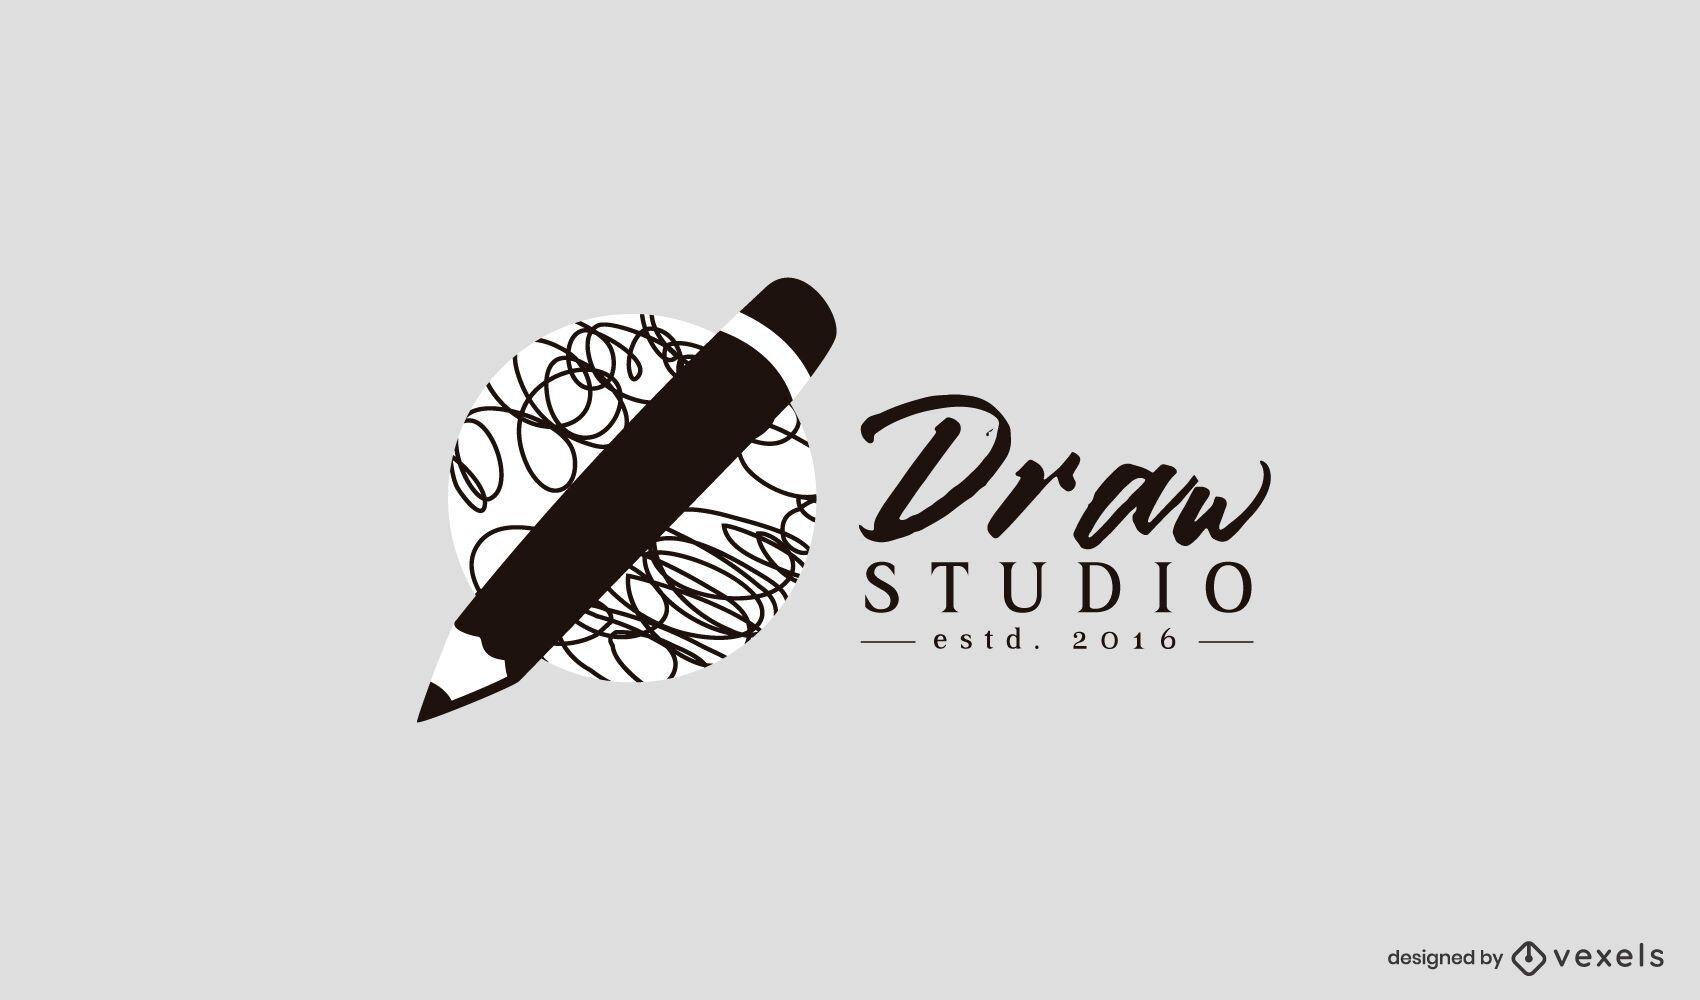 Desenhar modelo de logotipo do estúdio